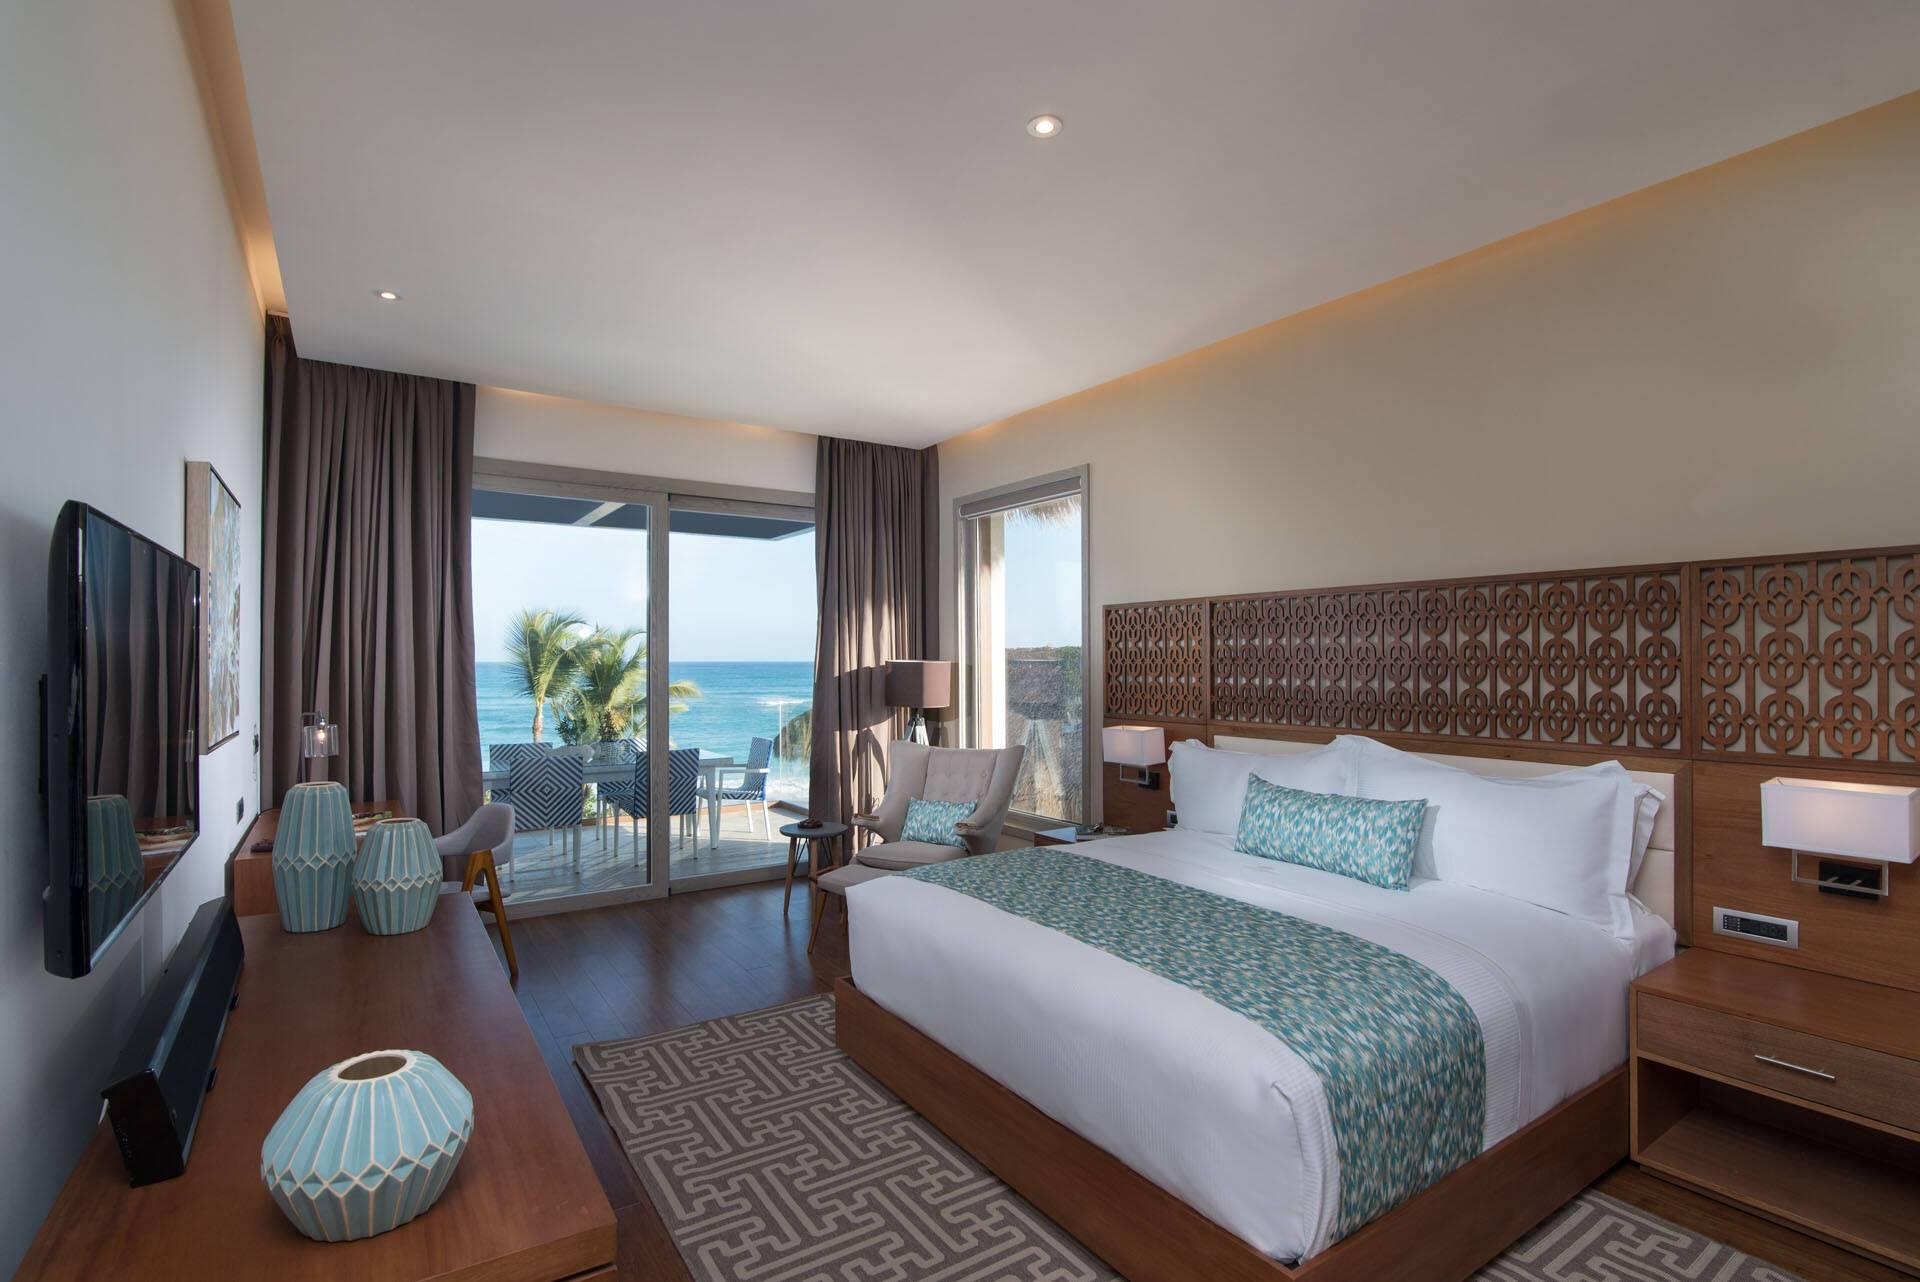 Eden Roc Cap Cana Punta Cana Rep Republicaine Beachfront Suite